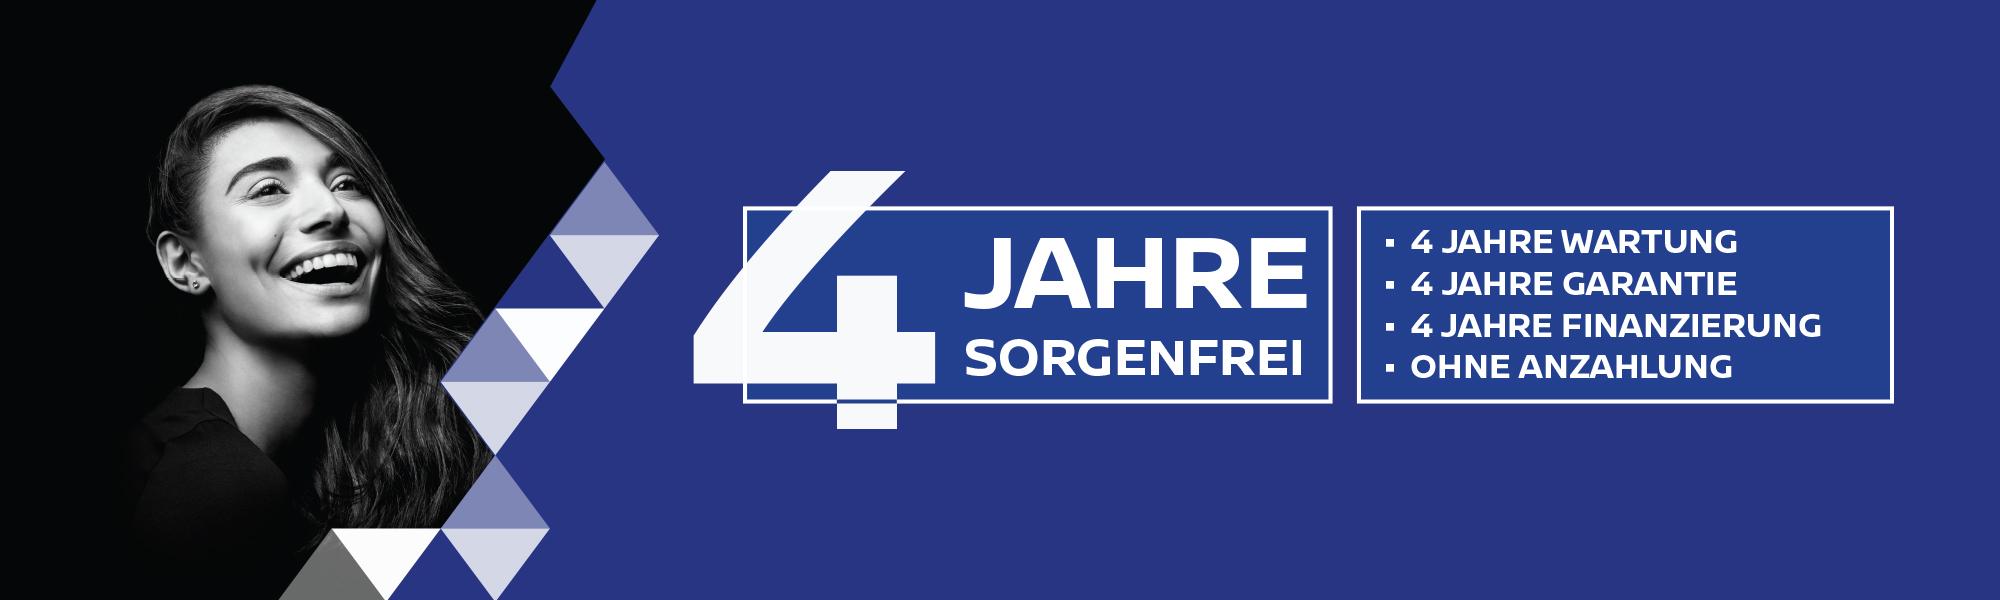 4 JAHRE SORGENFREI